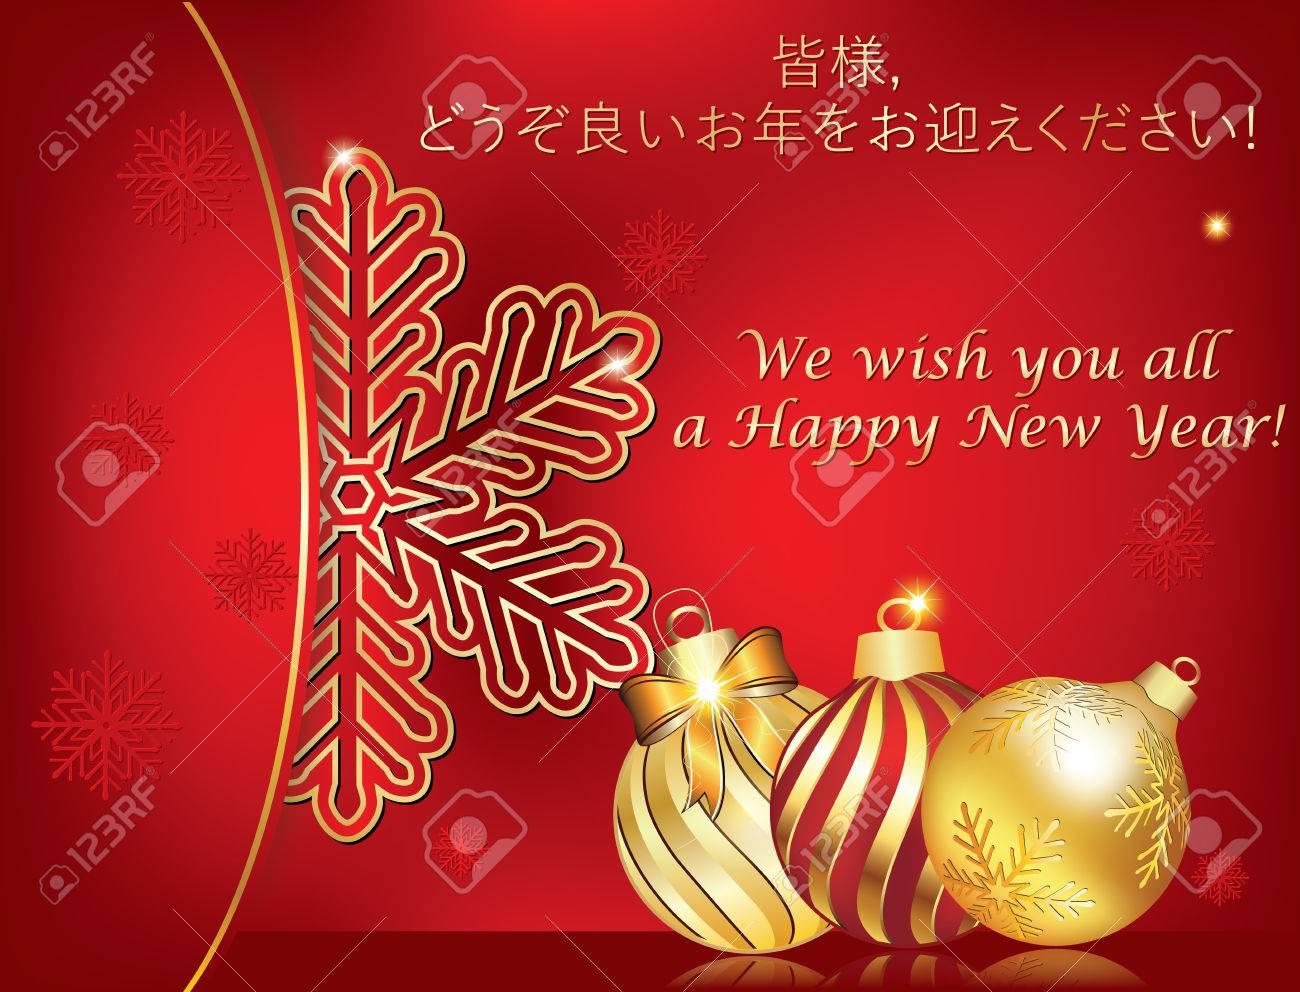 Japanische Grußkarte Für Neues Jahr - Wir Wünschen Ihnen Allen Ein ...